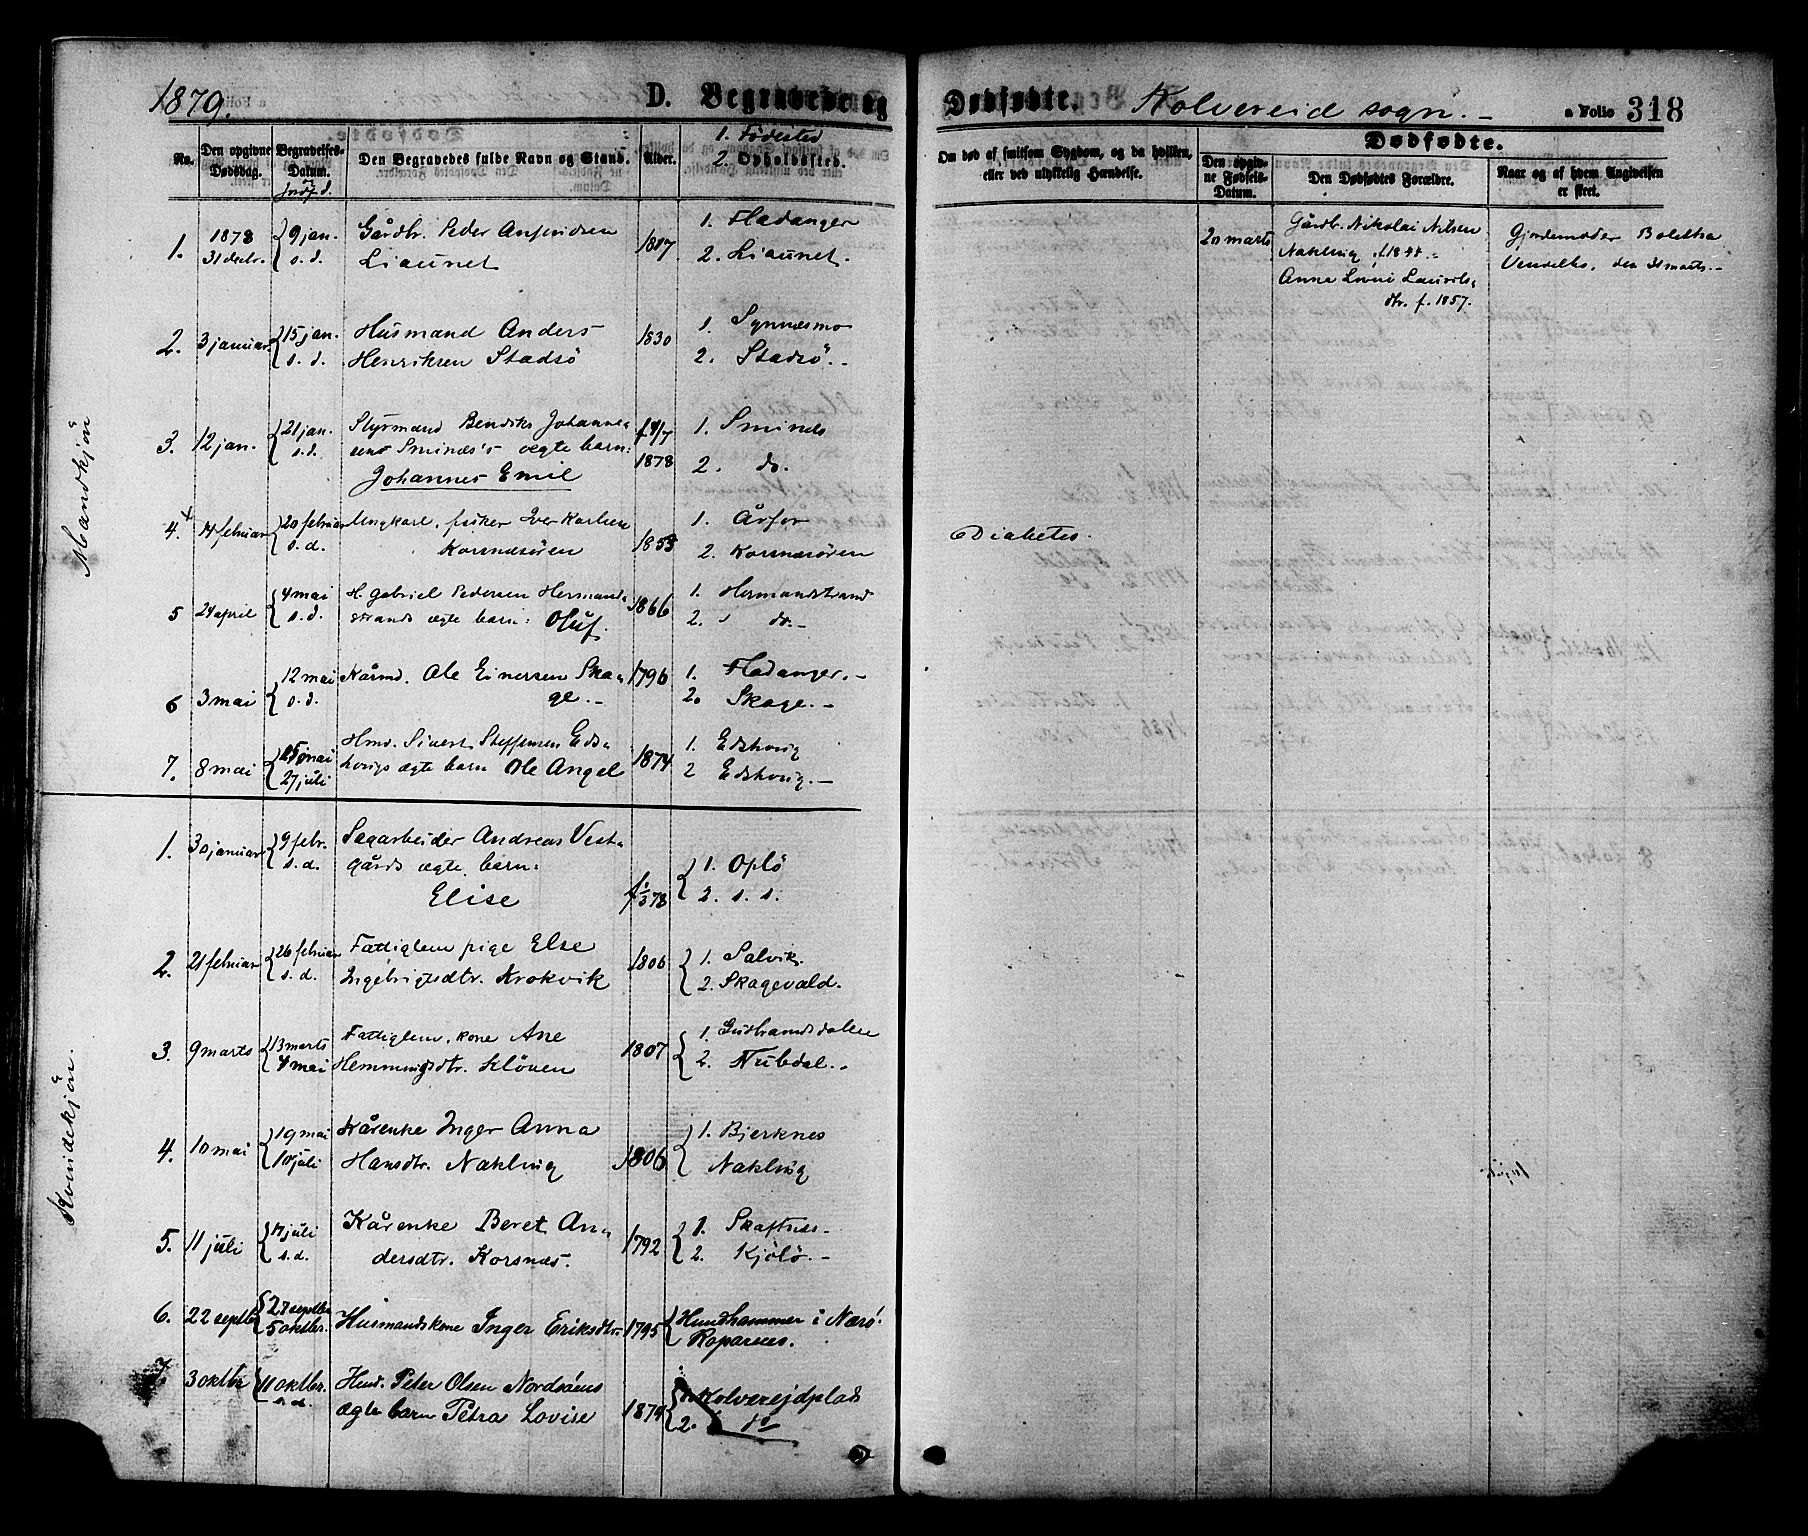 SAT, Ministerialprotokoller, klokkerbøker og fødselsregistre - Nord-Trøndelag, 780/L0642: Ministerialbok nr. 780A07 /1, 1874-1885, s. 318